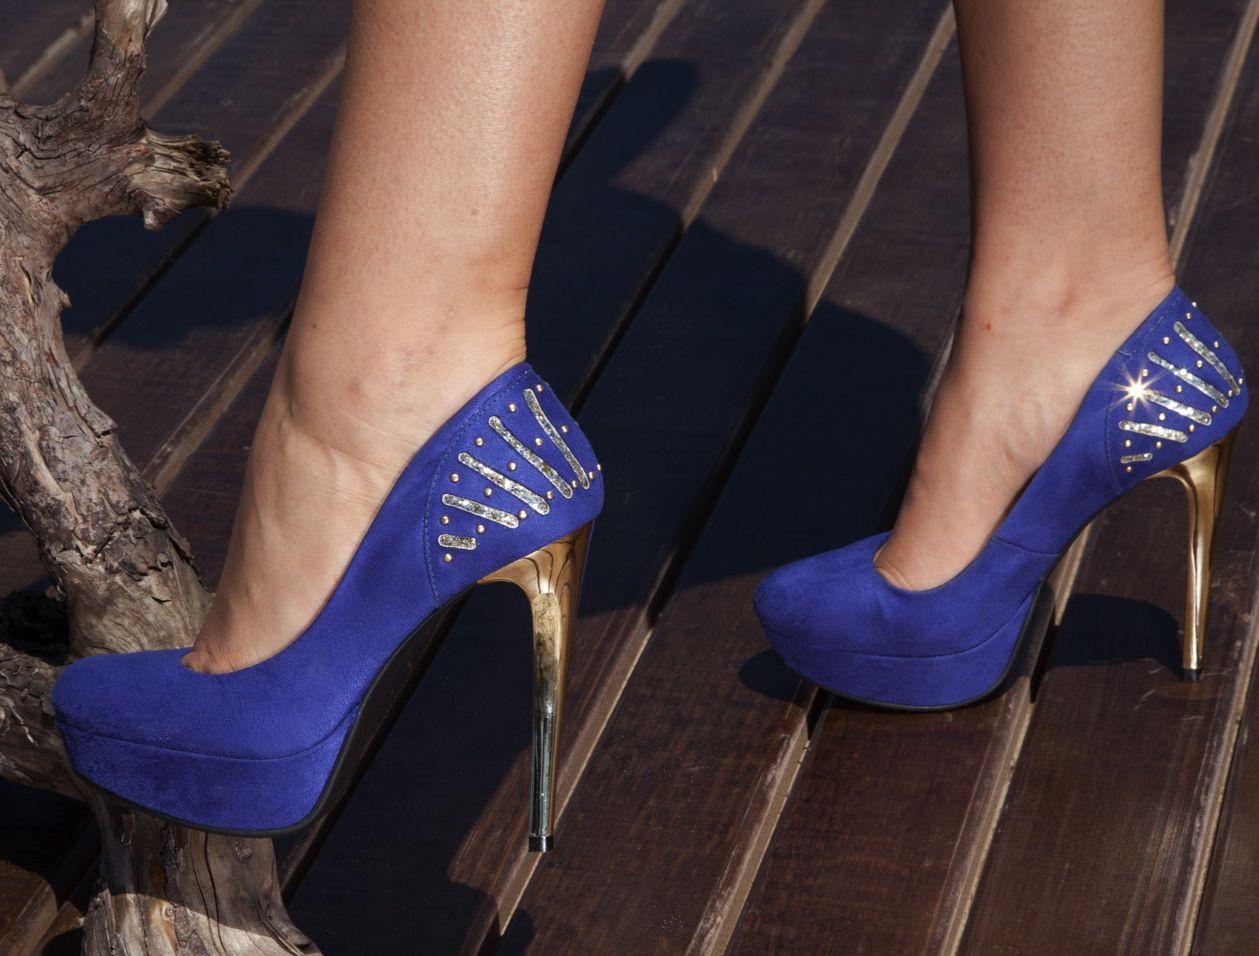 ec6afc90f3 sapato de salto alto - dourado - azul bic - meia pata -high heels ...